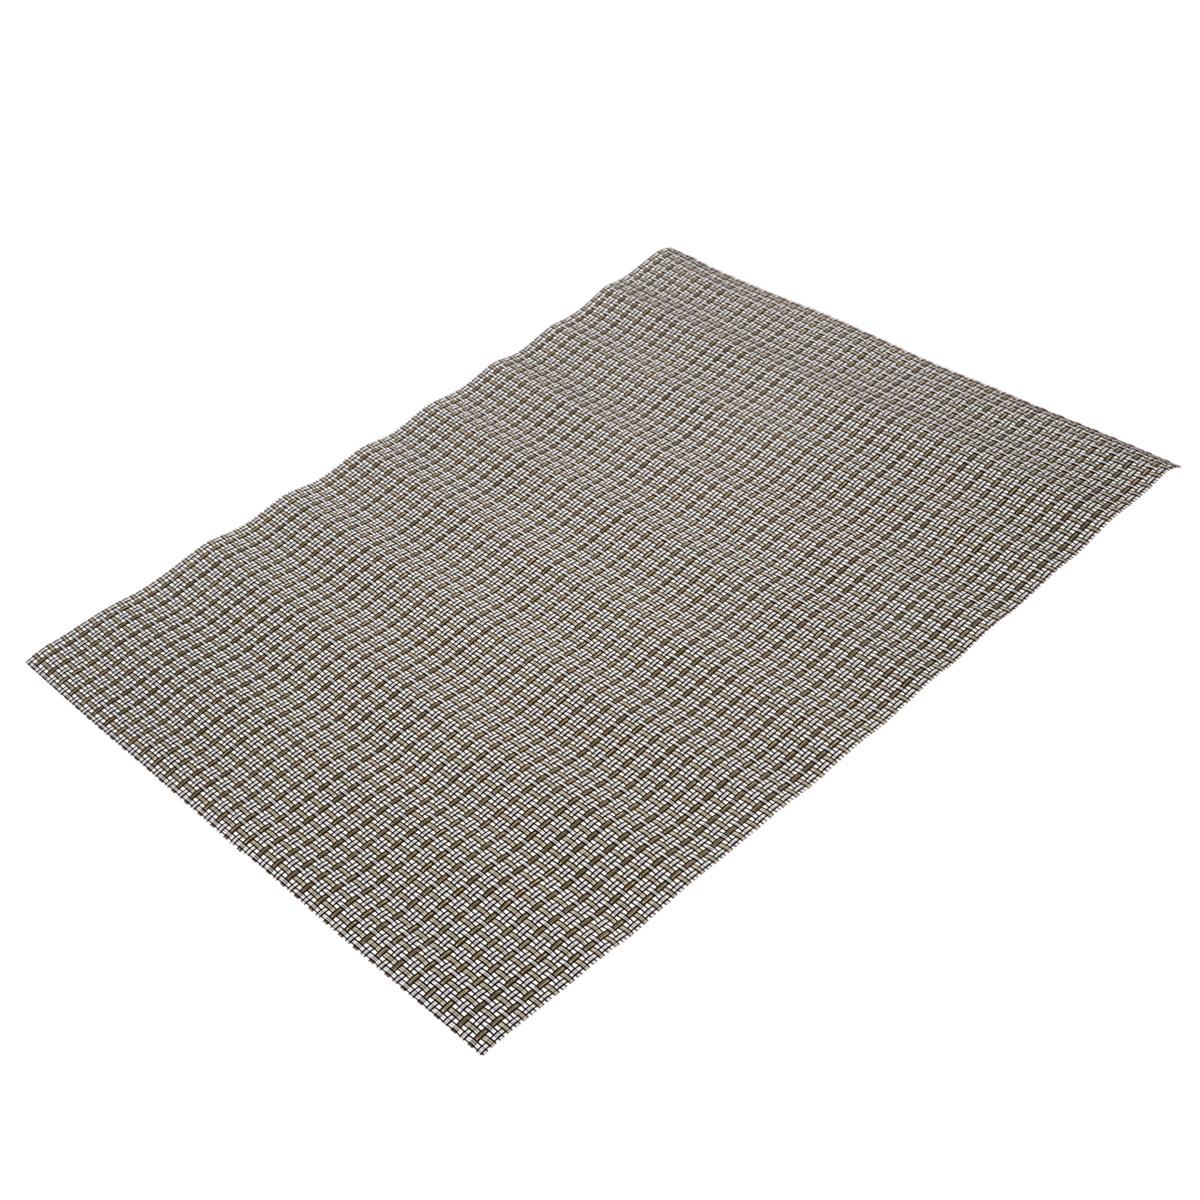 Подставка под горячее Bradex, цвет: серый, 45 см х 30 смTK 0095Прямоугольная подставка под горячее Bradex, выполненная из прочного ПВХ, не боится высоких температур и легко чистится от пятен и жира. Каждая хозяйка знает, что подставка под горячее - это незаменимый и очень полезный аксессуар на каждой кухне. Ваш стол будет не только украшен оригинальной подставкой, но и сбережен от воздействия высоких температур ваших кулинарных шедевров.